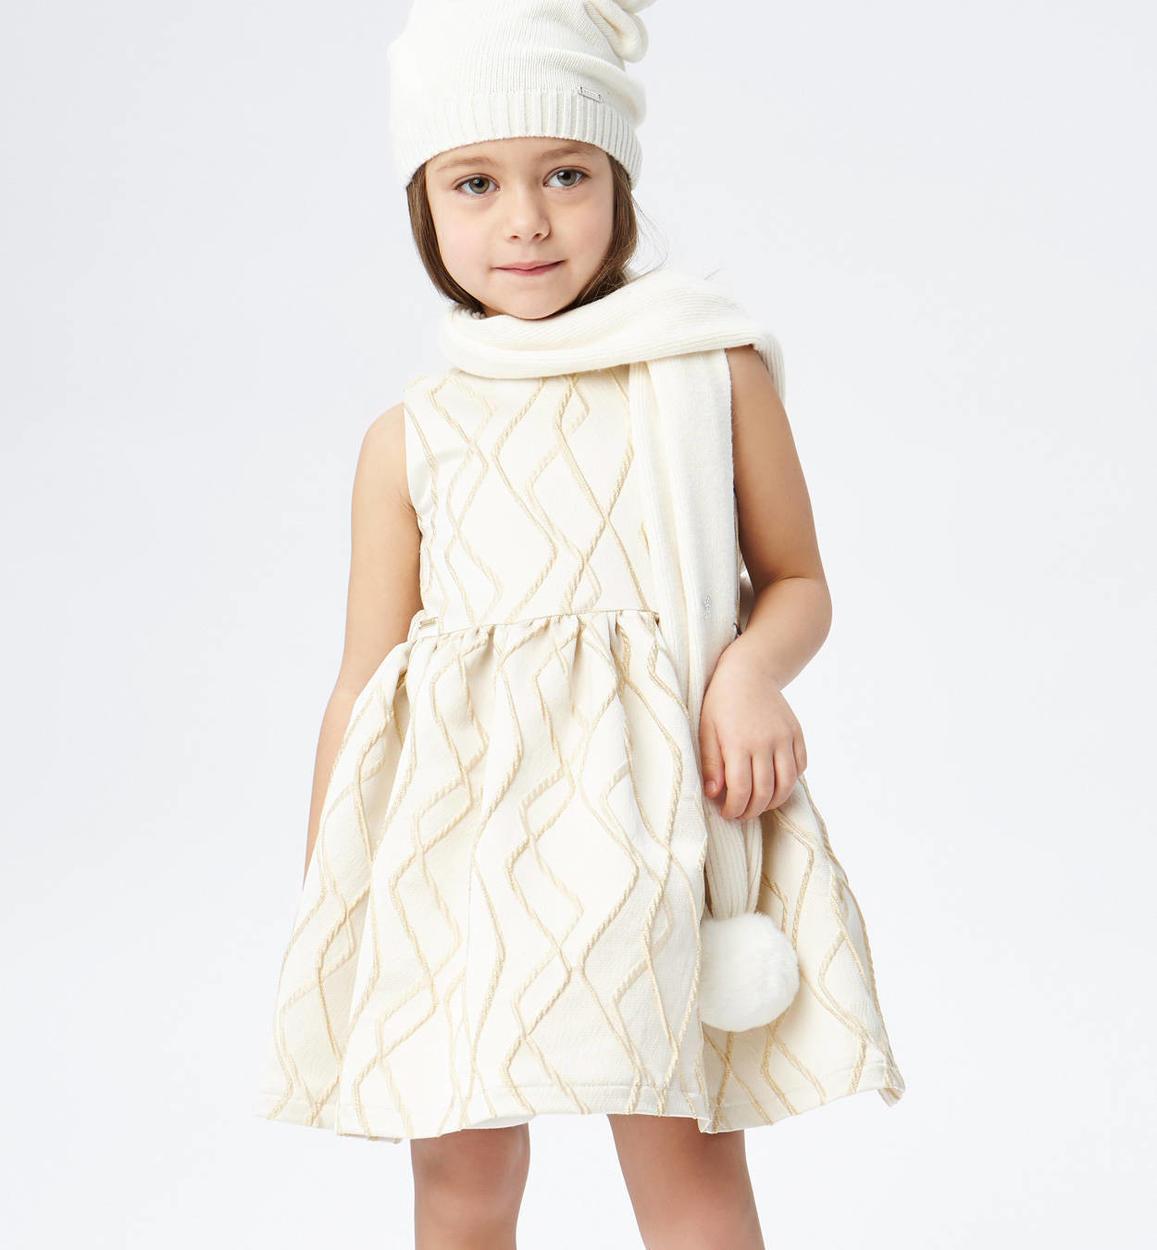 Abiti Eleganti Bambina 7 Anni.Raffinato Ed Elegante Abito Smanicato In Tessuto Operato Jacquard